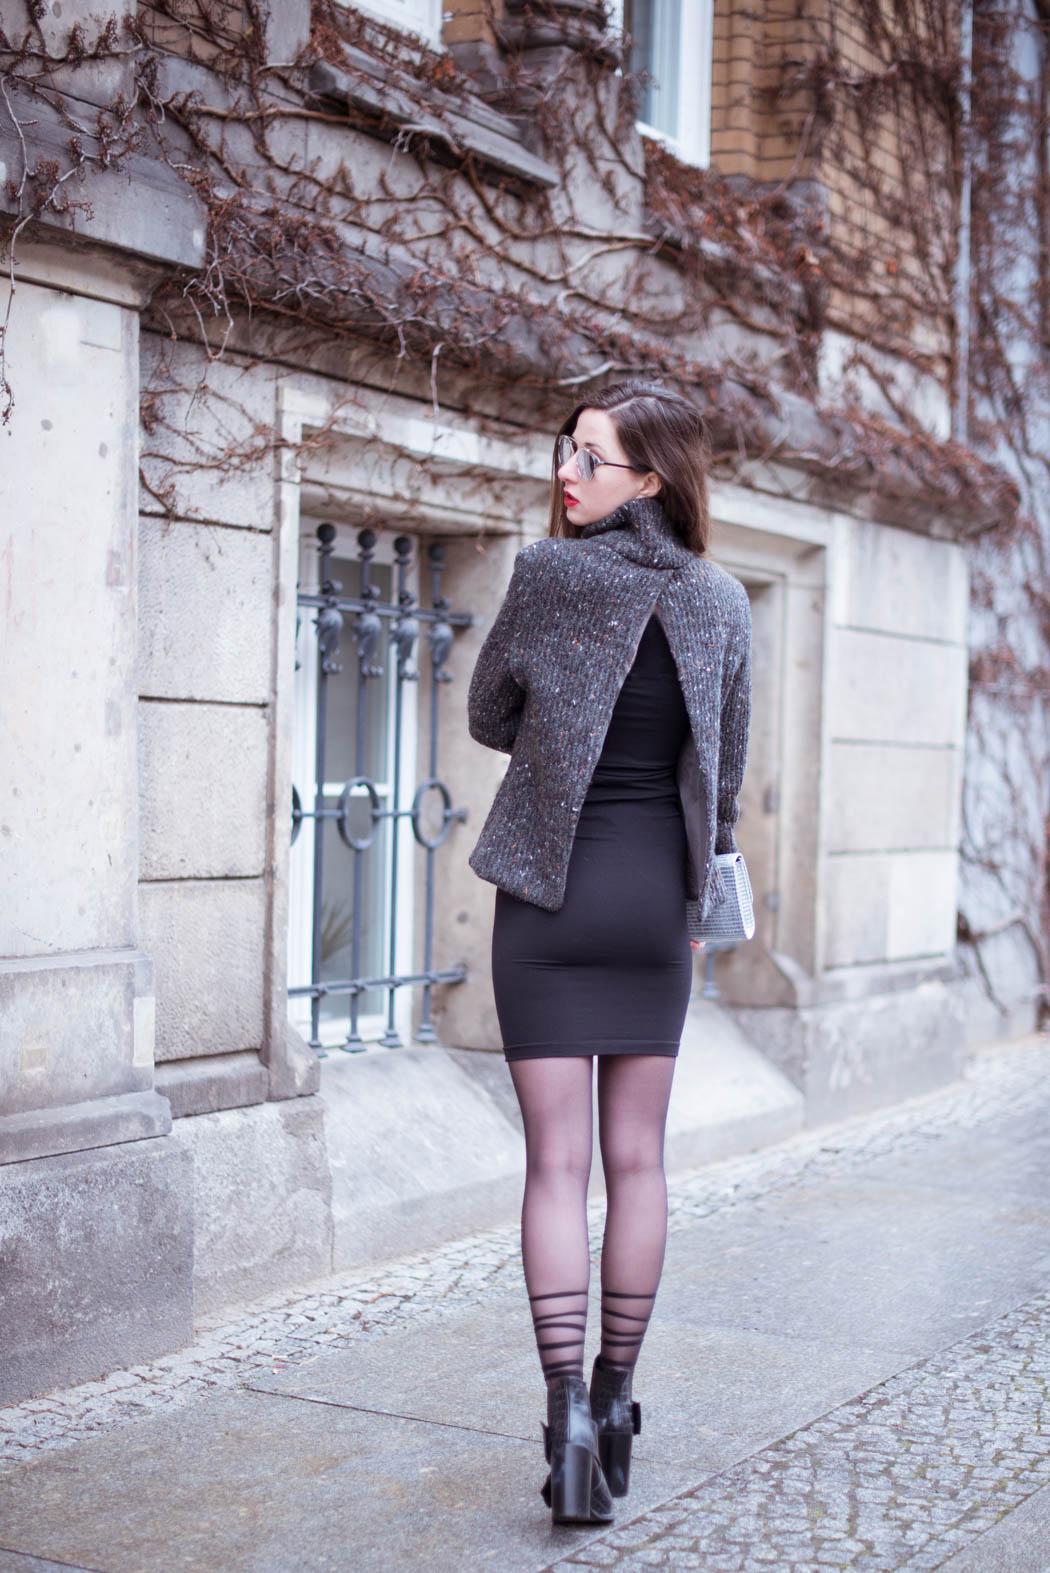 Zara-Ankleboots-Wolford-Dior-so-real-Fashionblogger-München-Deutschland-Lindarella-7